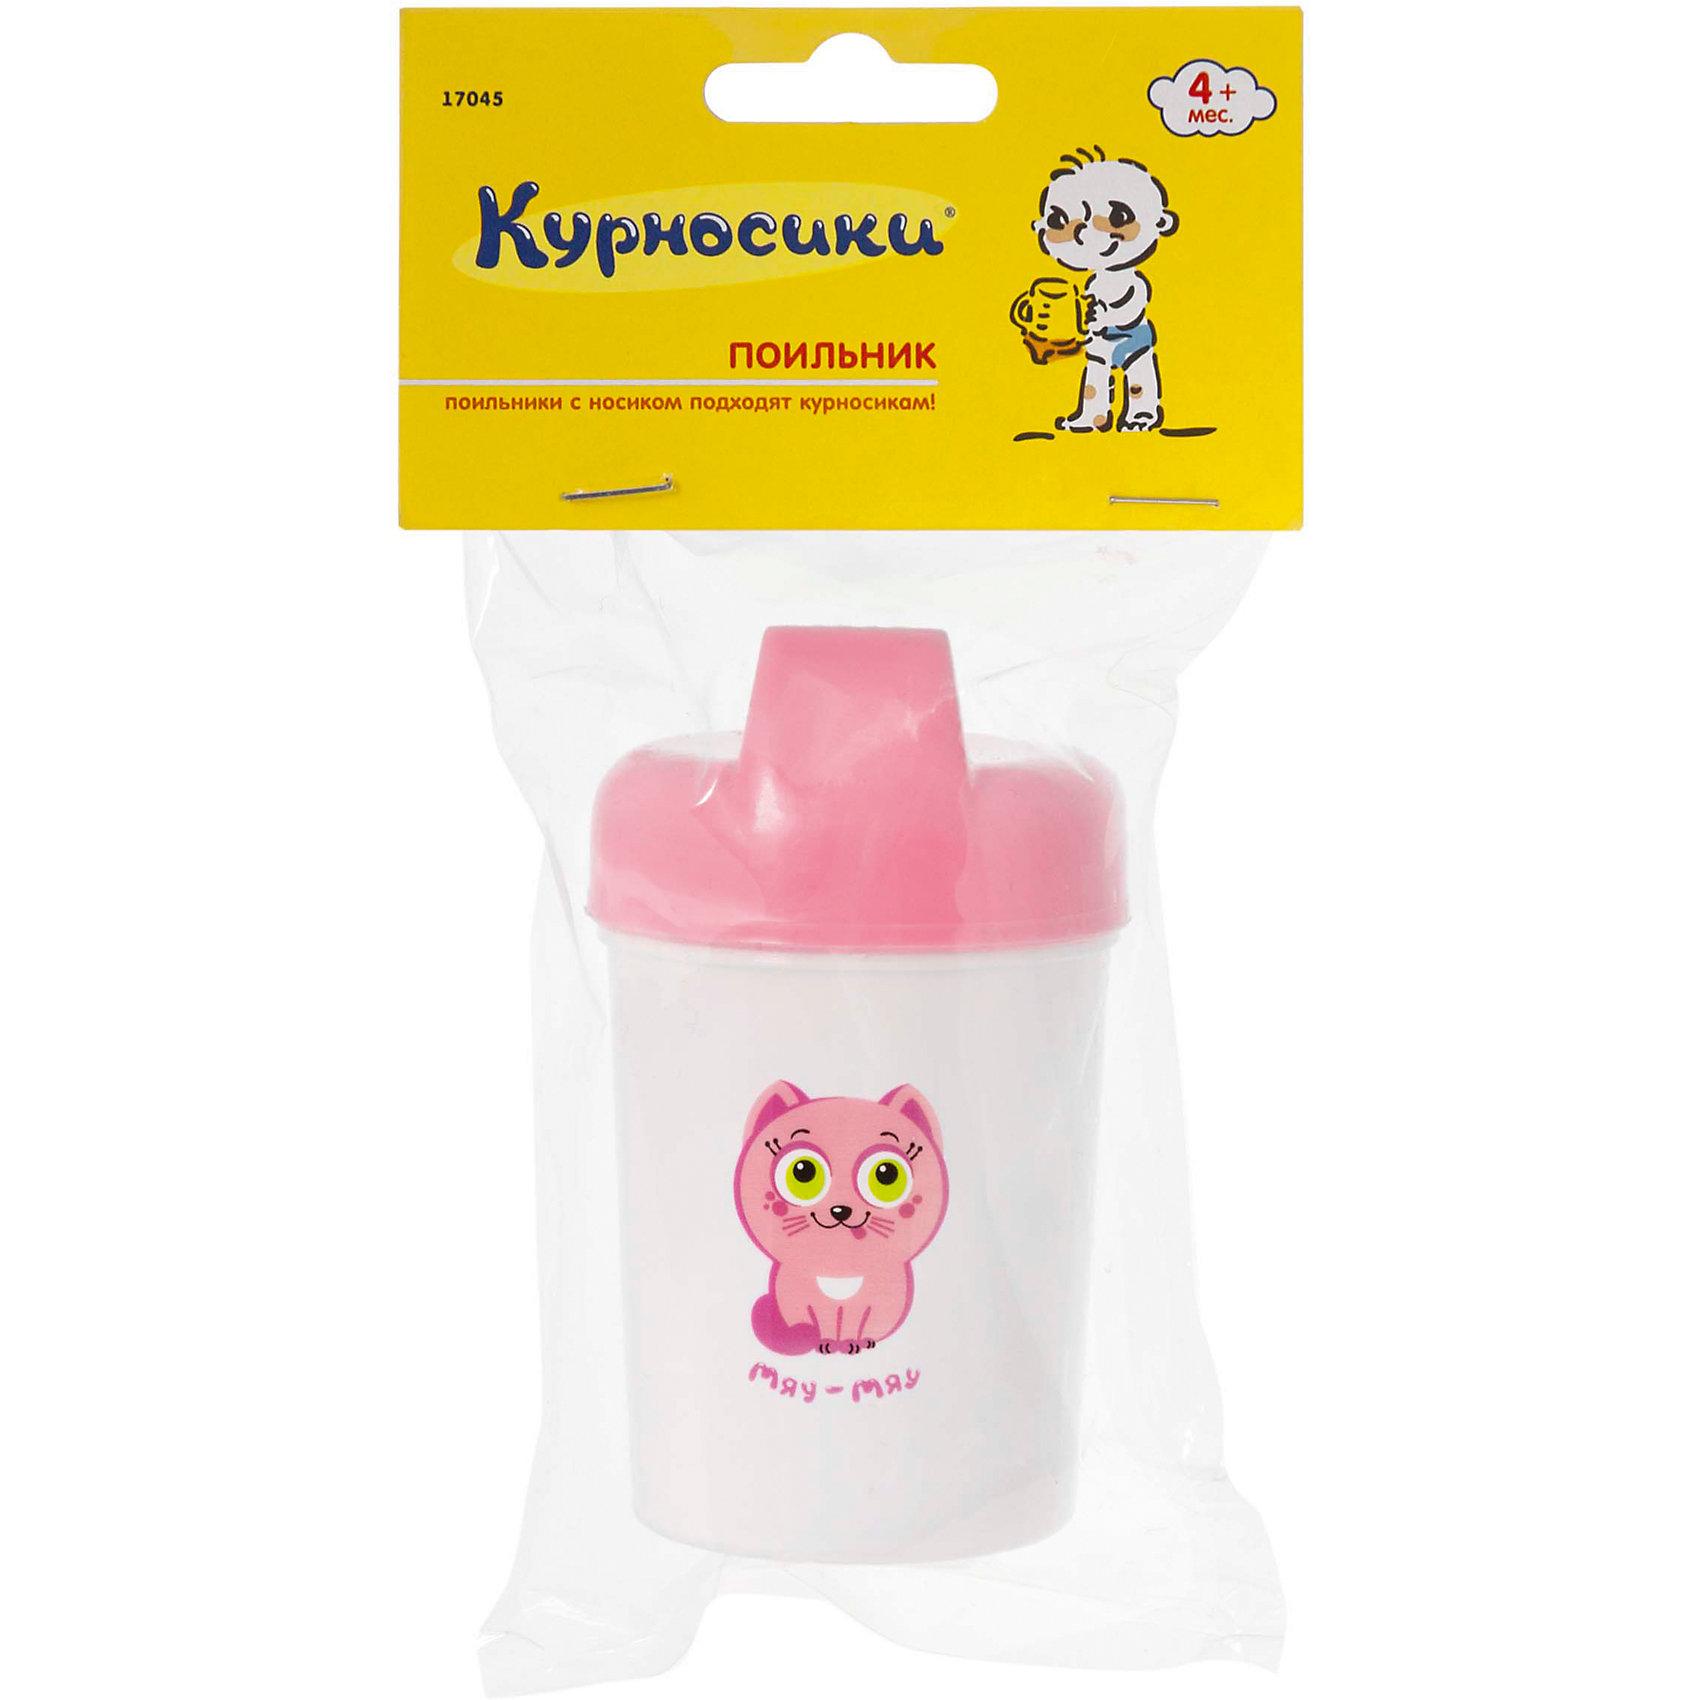 Курносики Поильник маленький 4+, 125мл, Kurnosiki, розовый